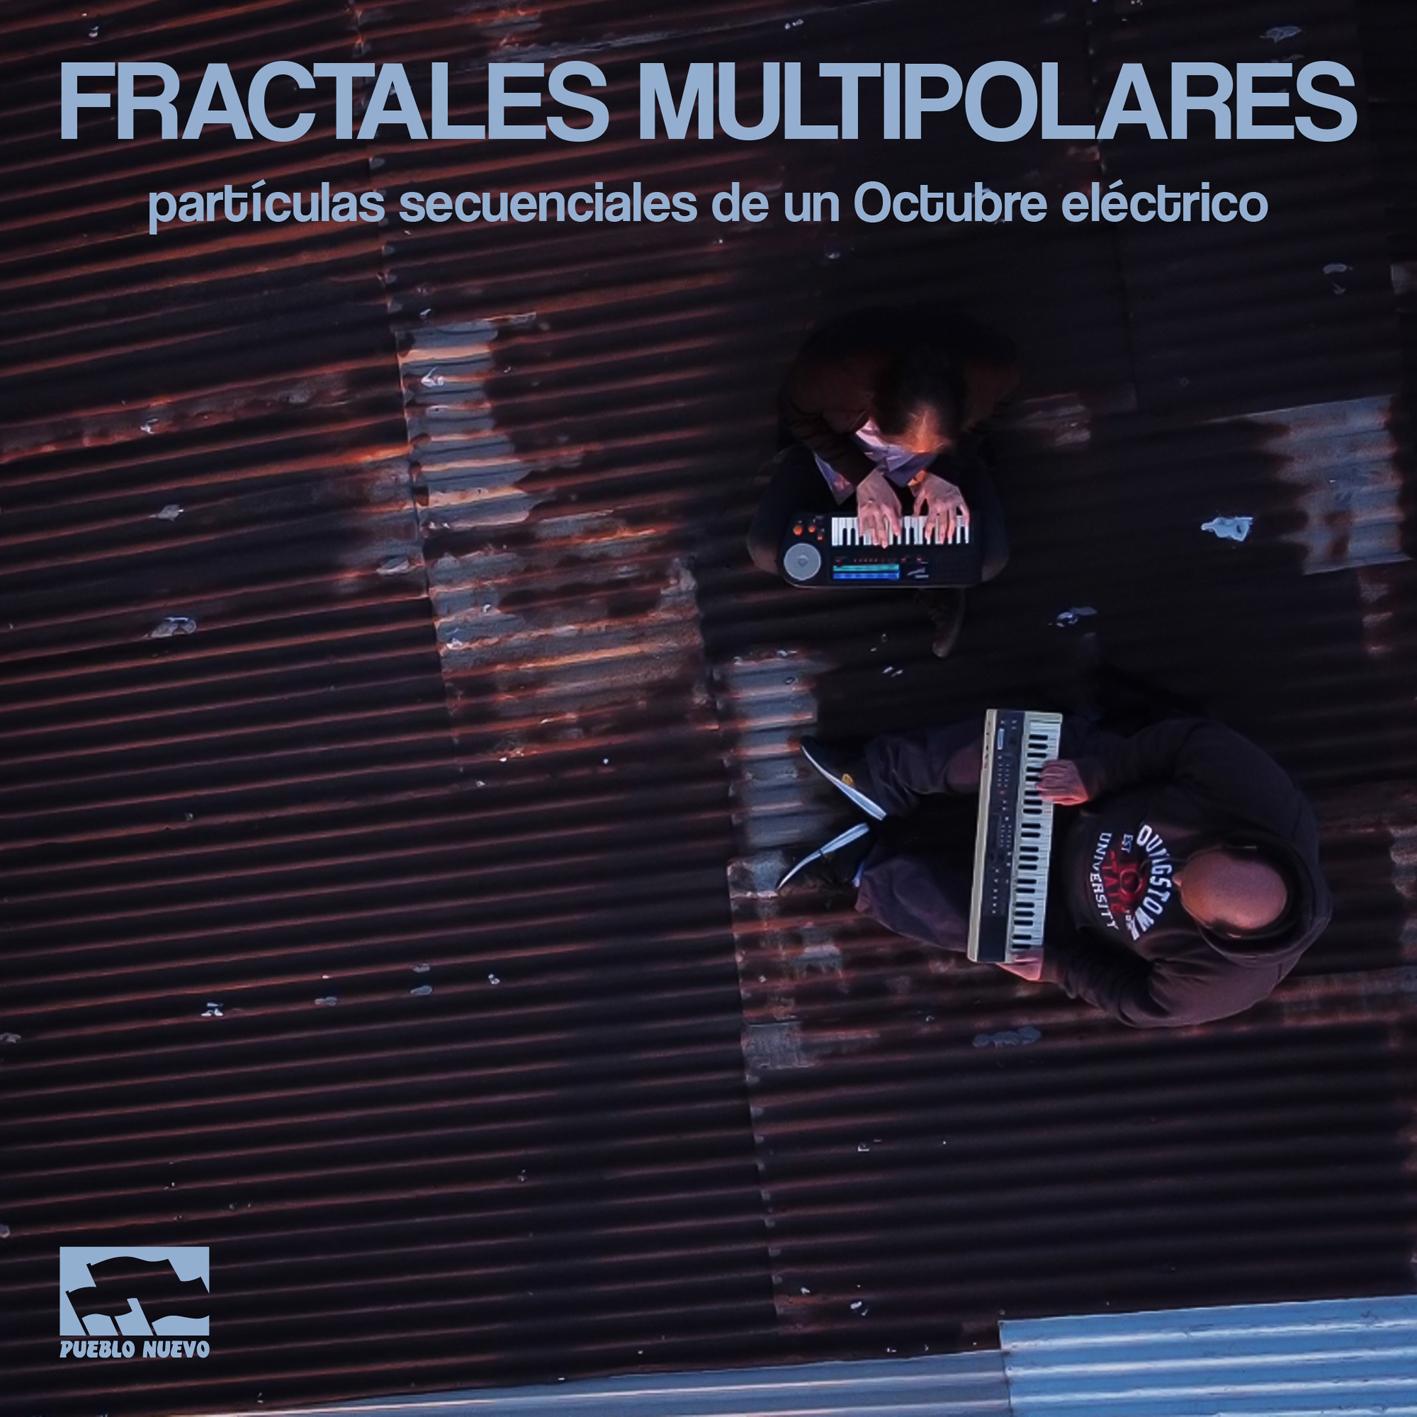 Fractales Multipolares – particulas secuenciales de un Octubre electrico